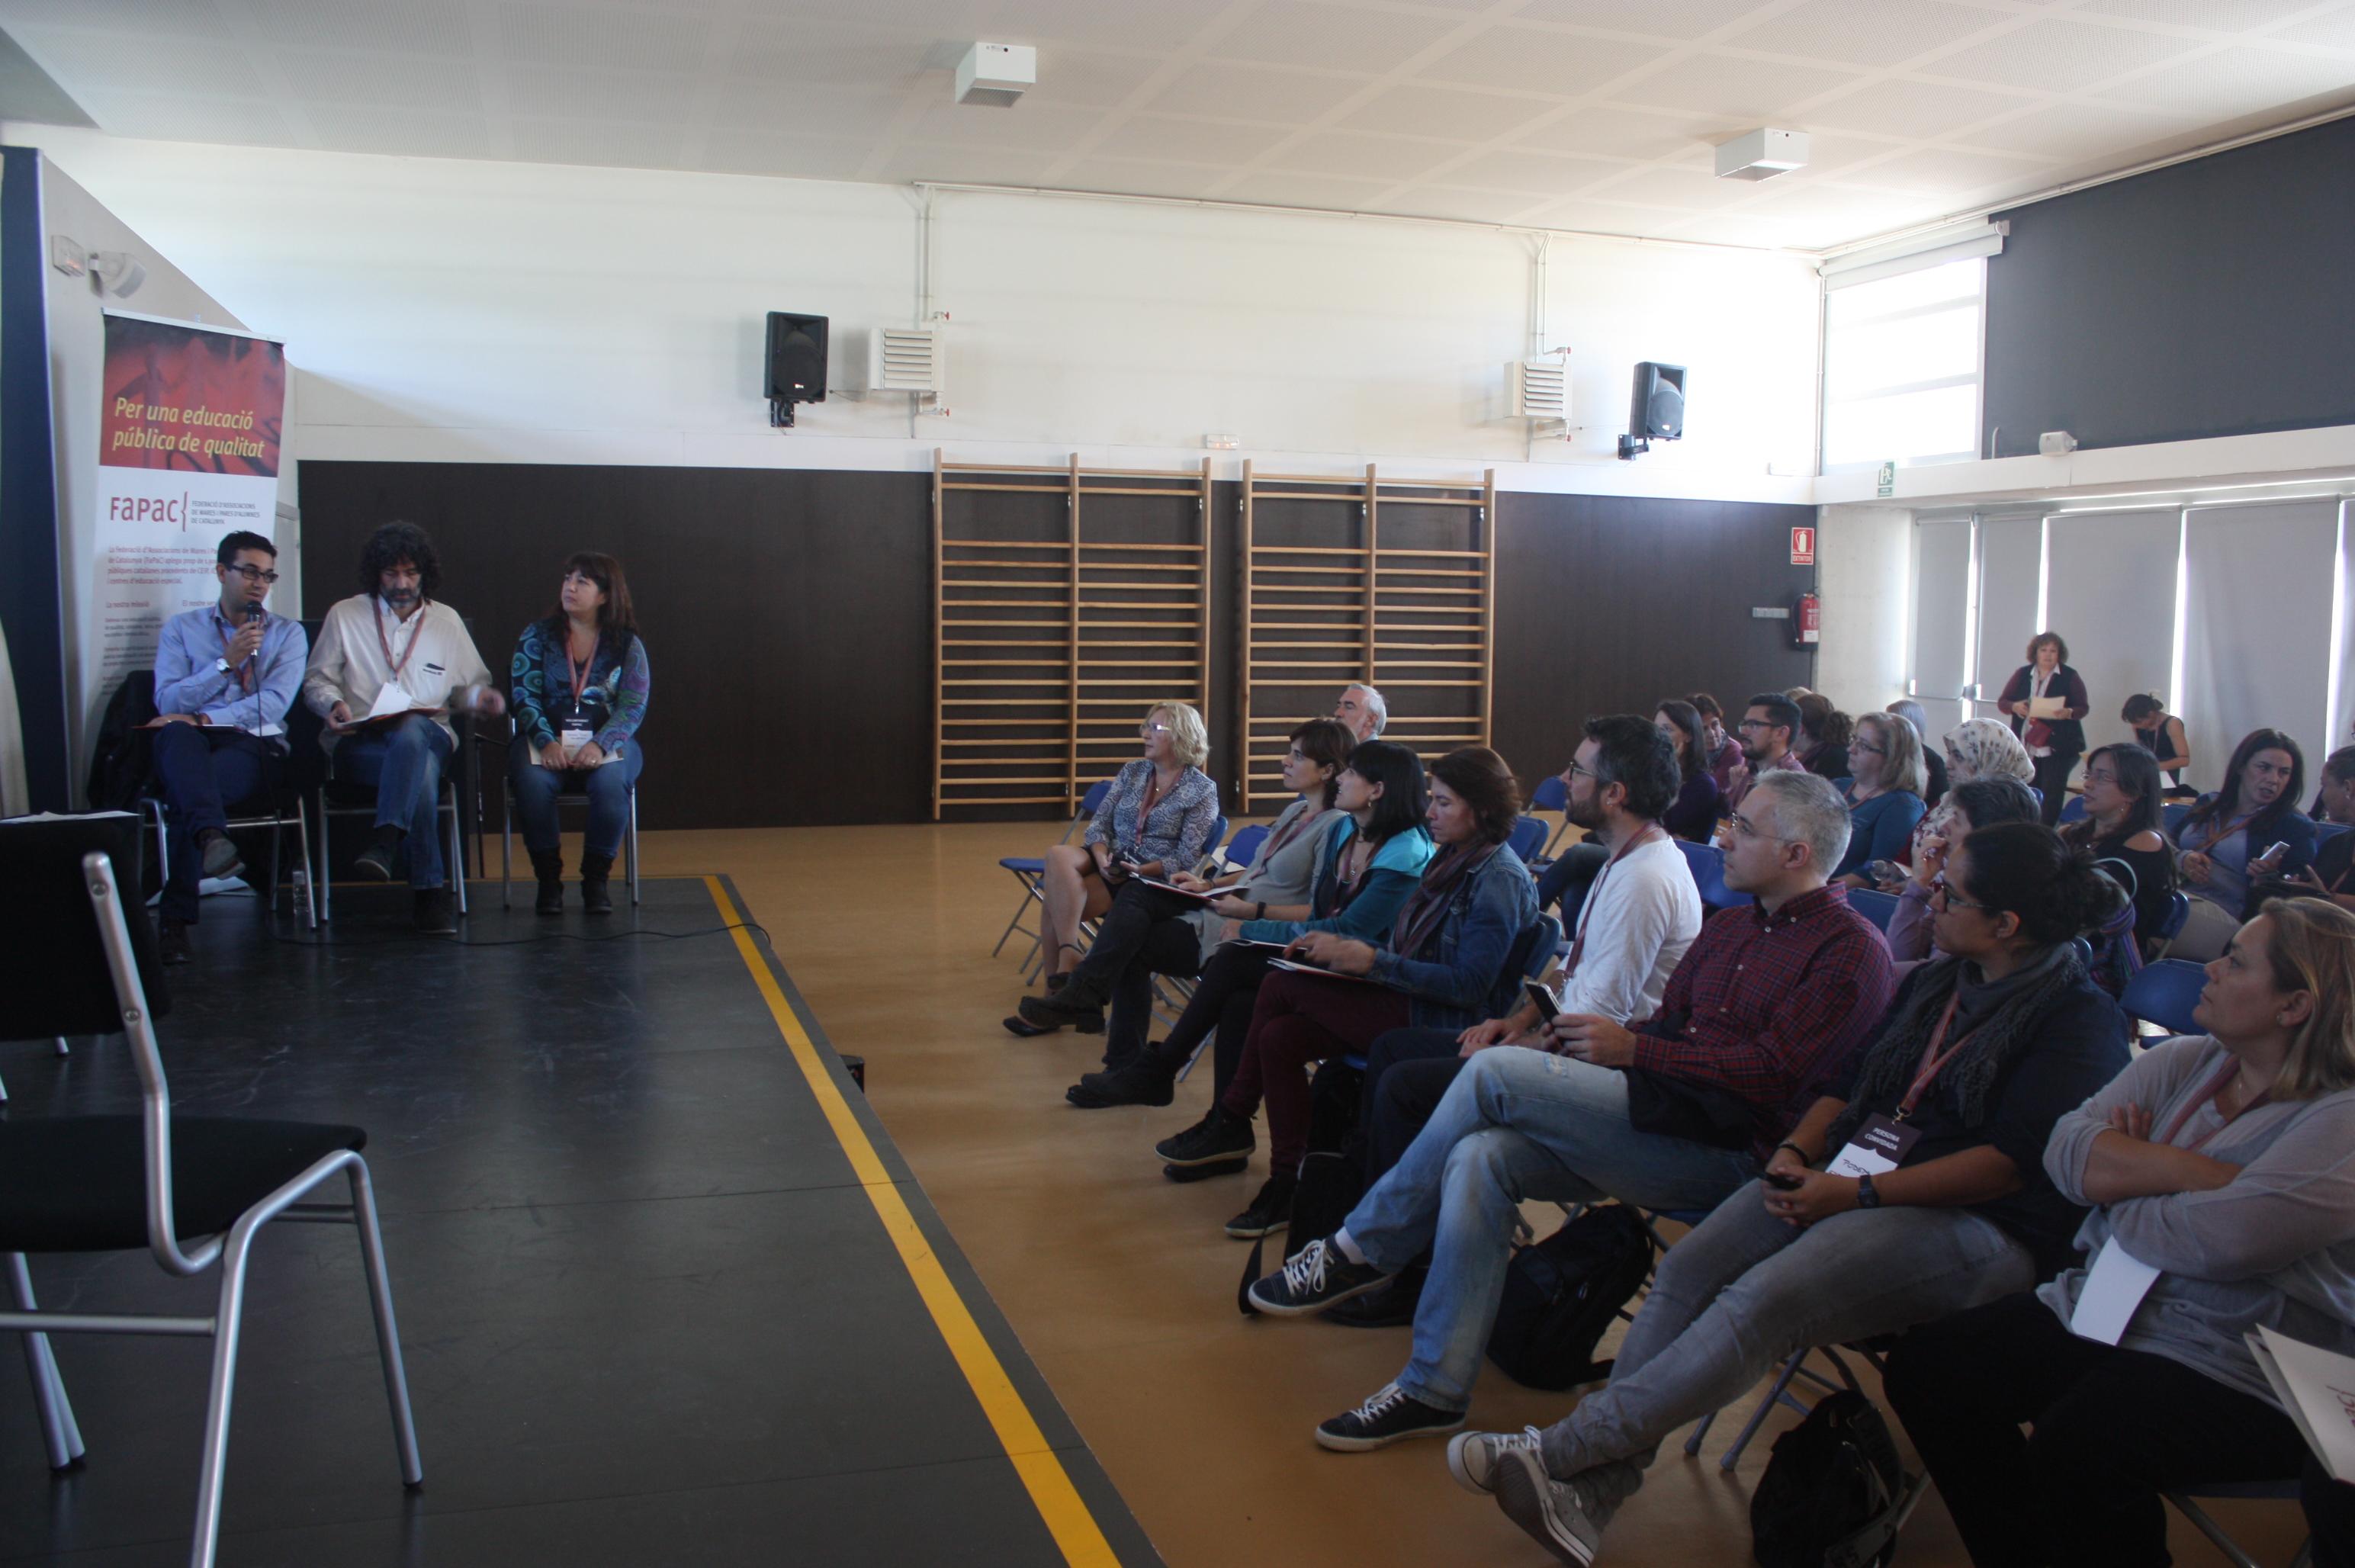 La reunió de les AMPA del Vallès Oriental-Maresme s'ha fet al gimnàs de l'escola Cal Músic de Mollet